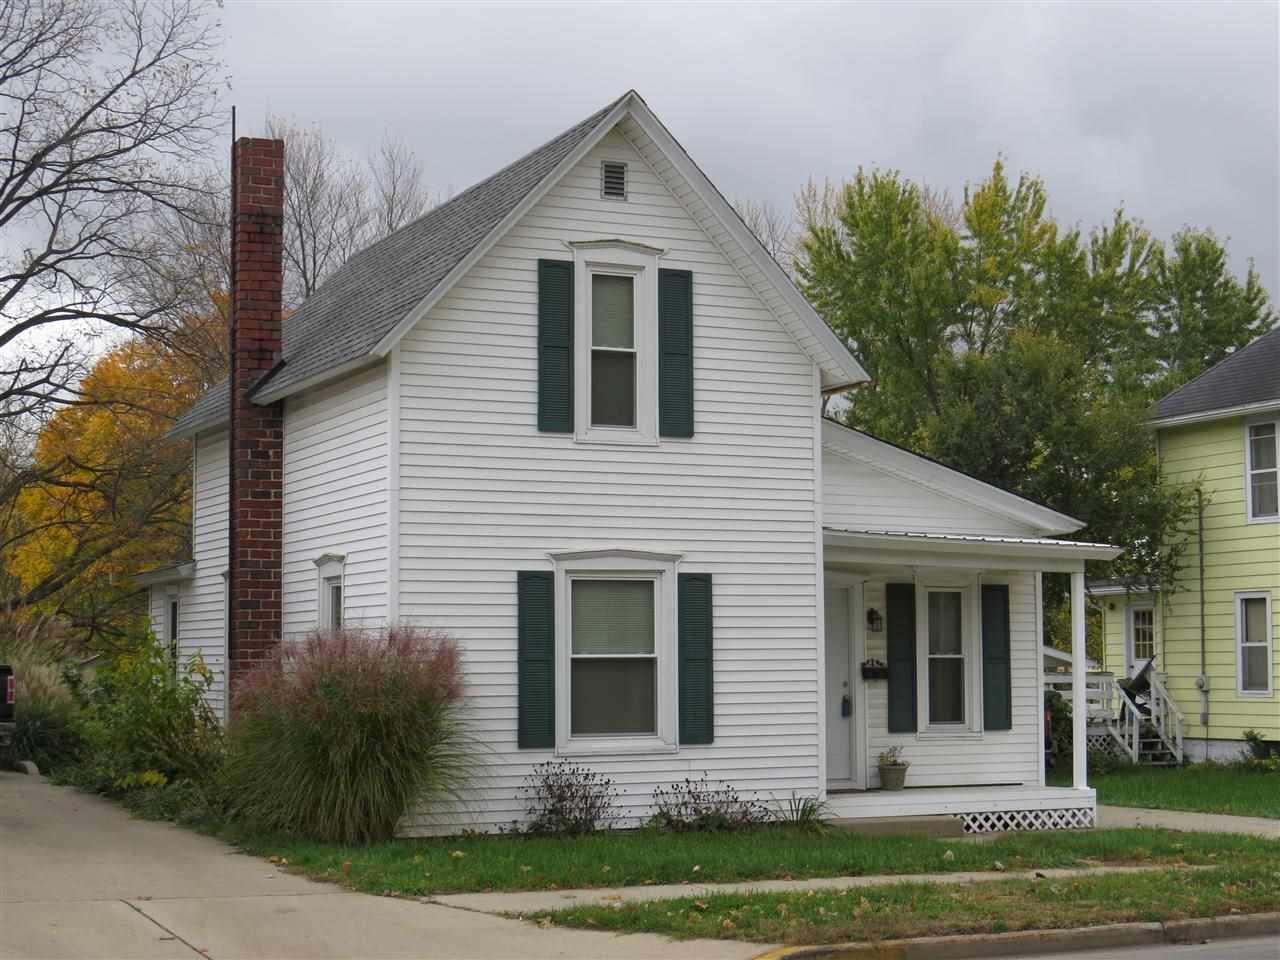 116 N Indiana Ave Goshen, IN 46526